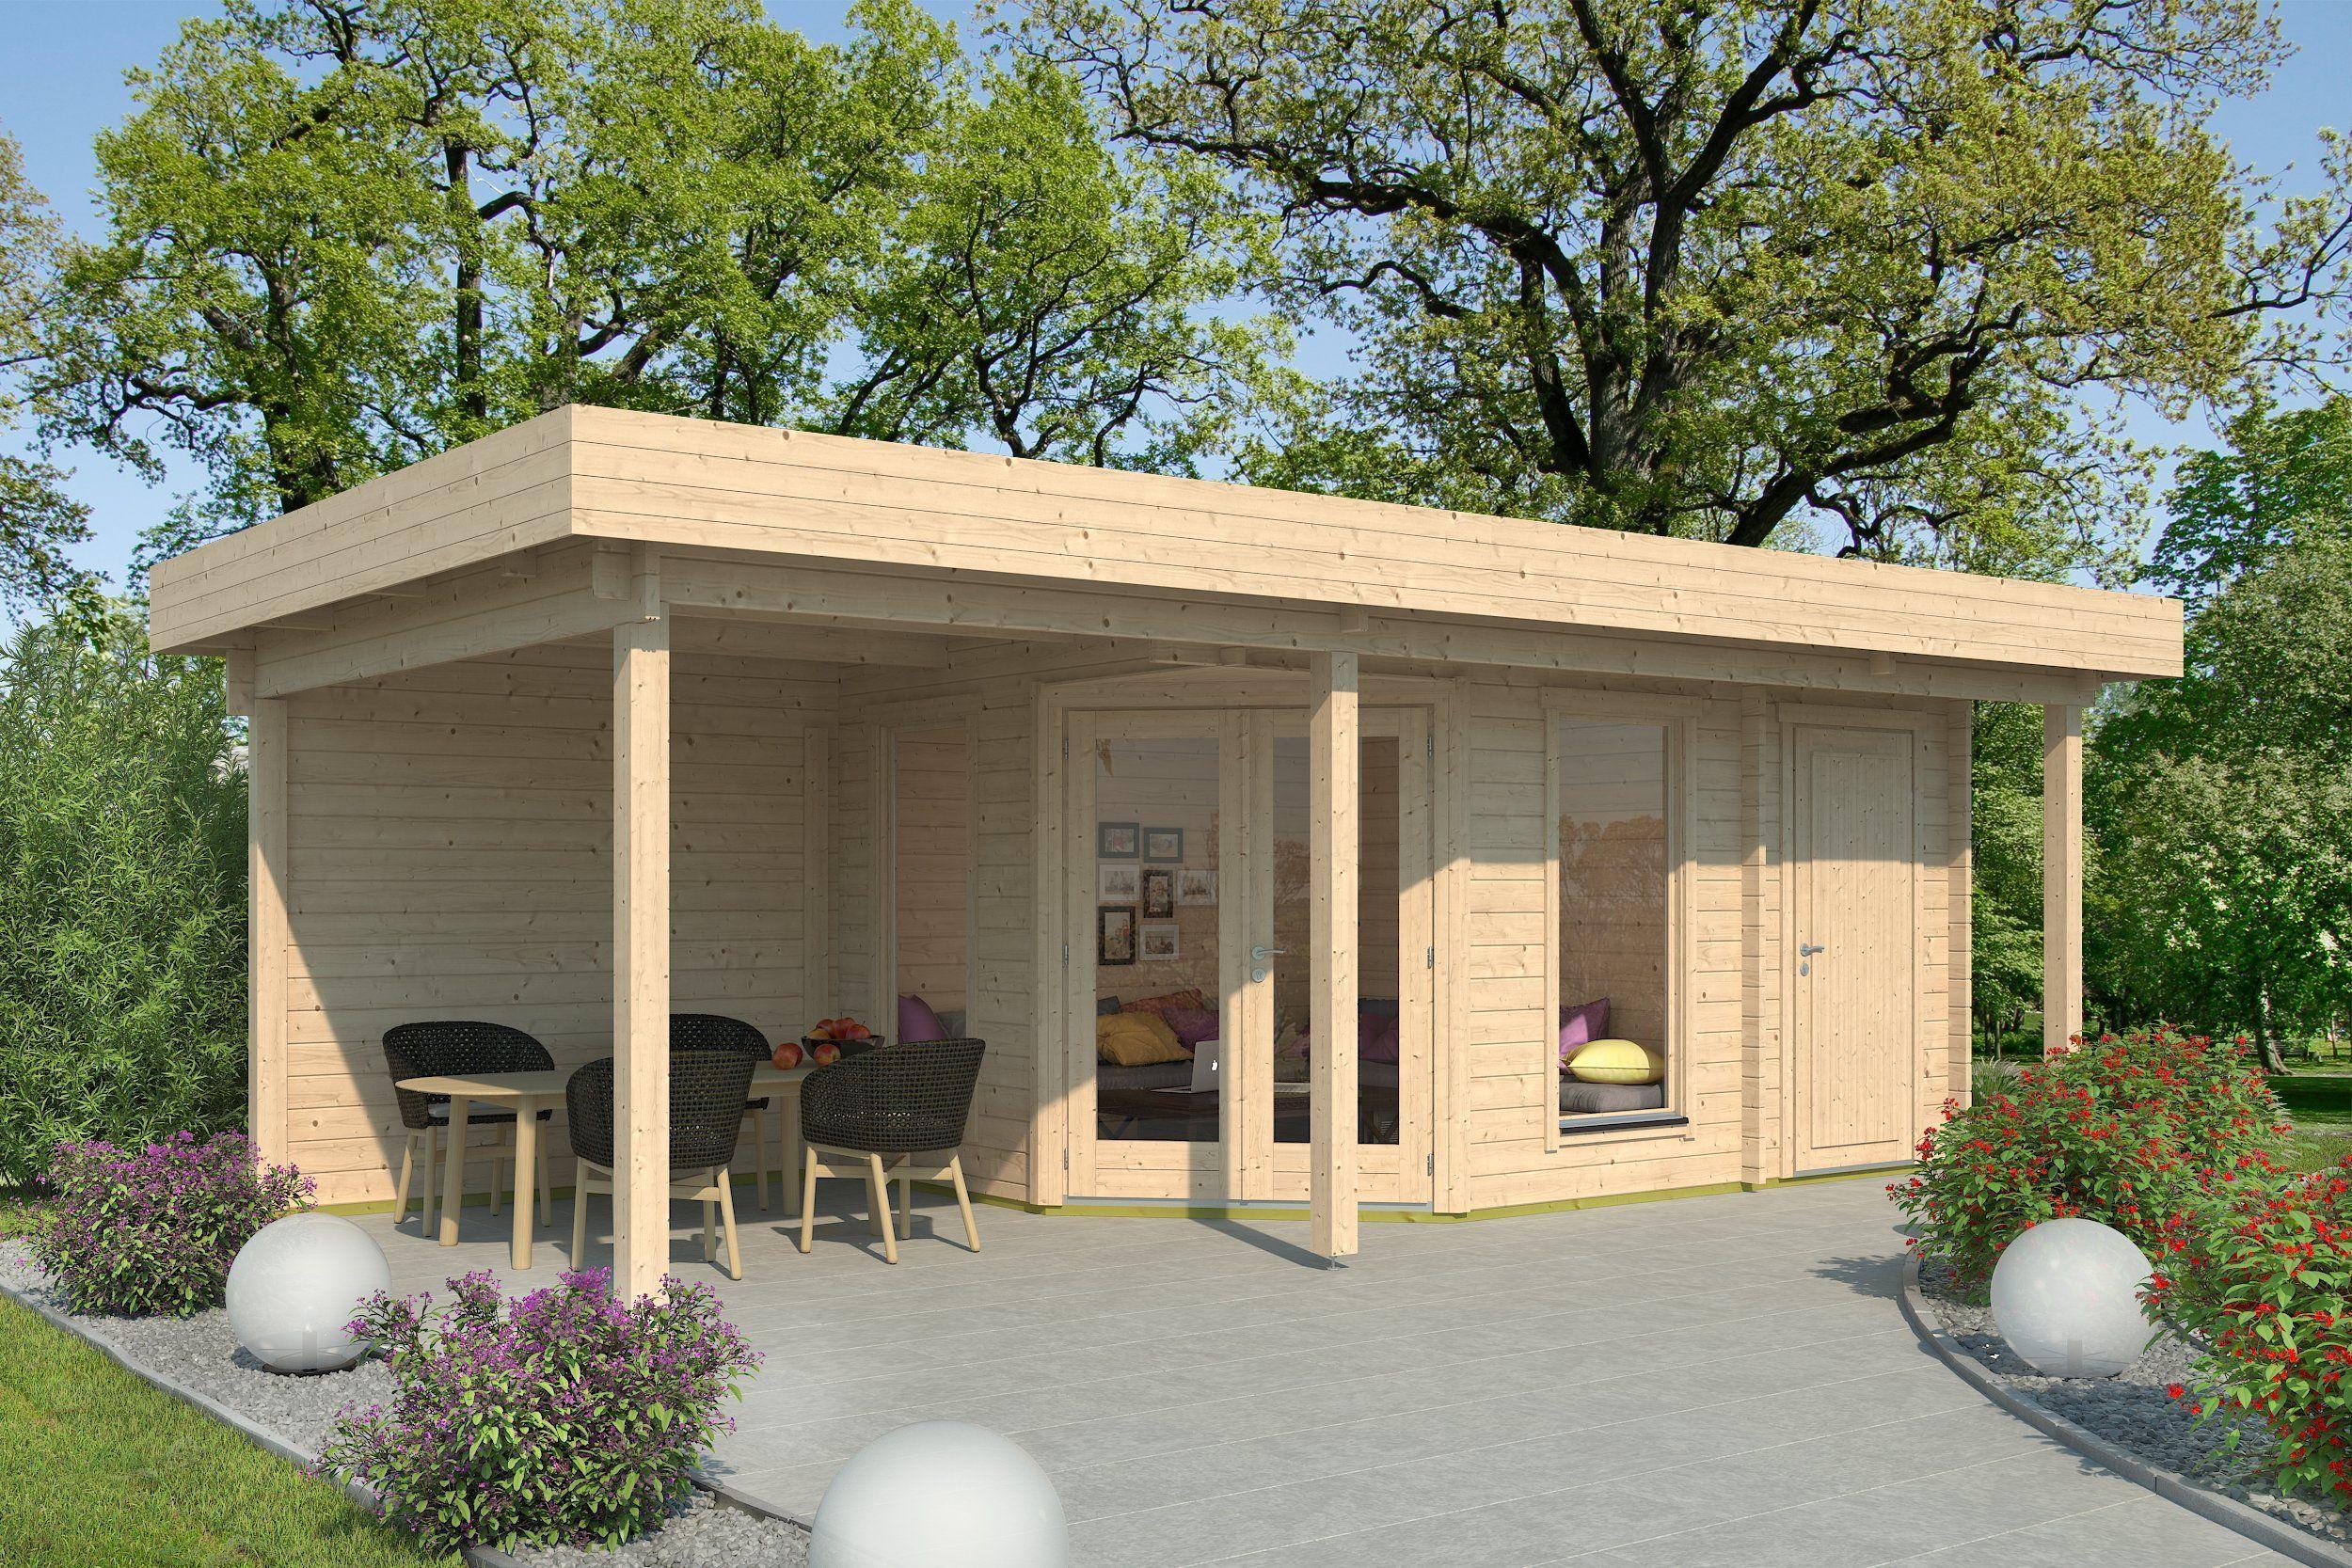 Lichtdurchflutetes 5 Eck Gartenhaus Mit Anbau In 2021 5 Eck Gartenhaus Gartenhaus Mit Terrasse Gartenhaus